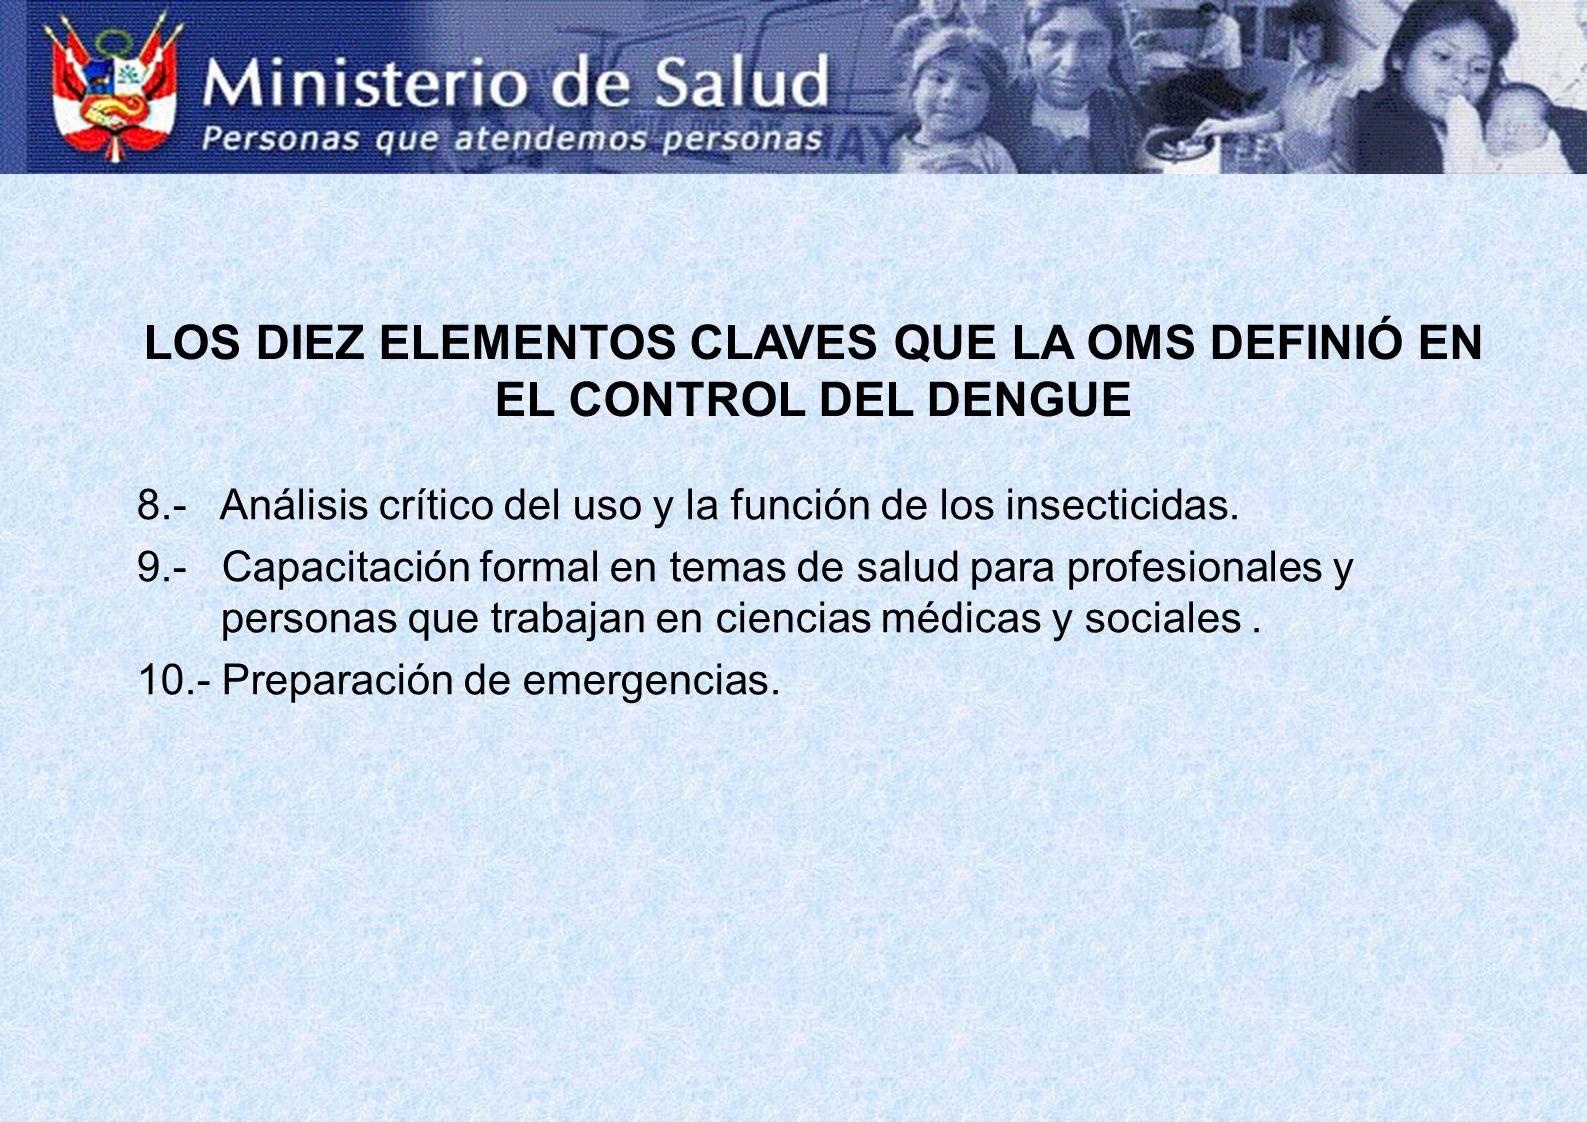 LOS DIEZ ELEMENTOS CLAVES QUE LA OMS DEFINIÓ EN EL CONTROL DEL DENGUE 8.- Análisis crítico del uso y la función de los insecticidas. 9.- Capacitación